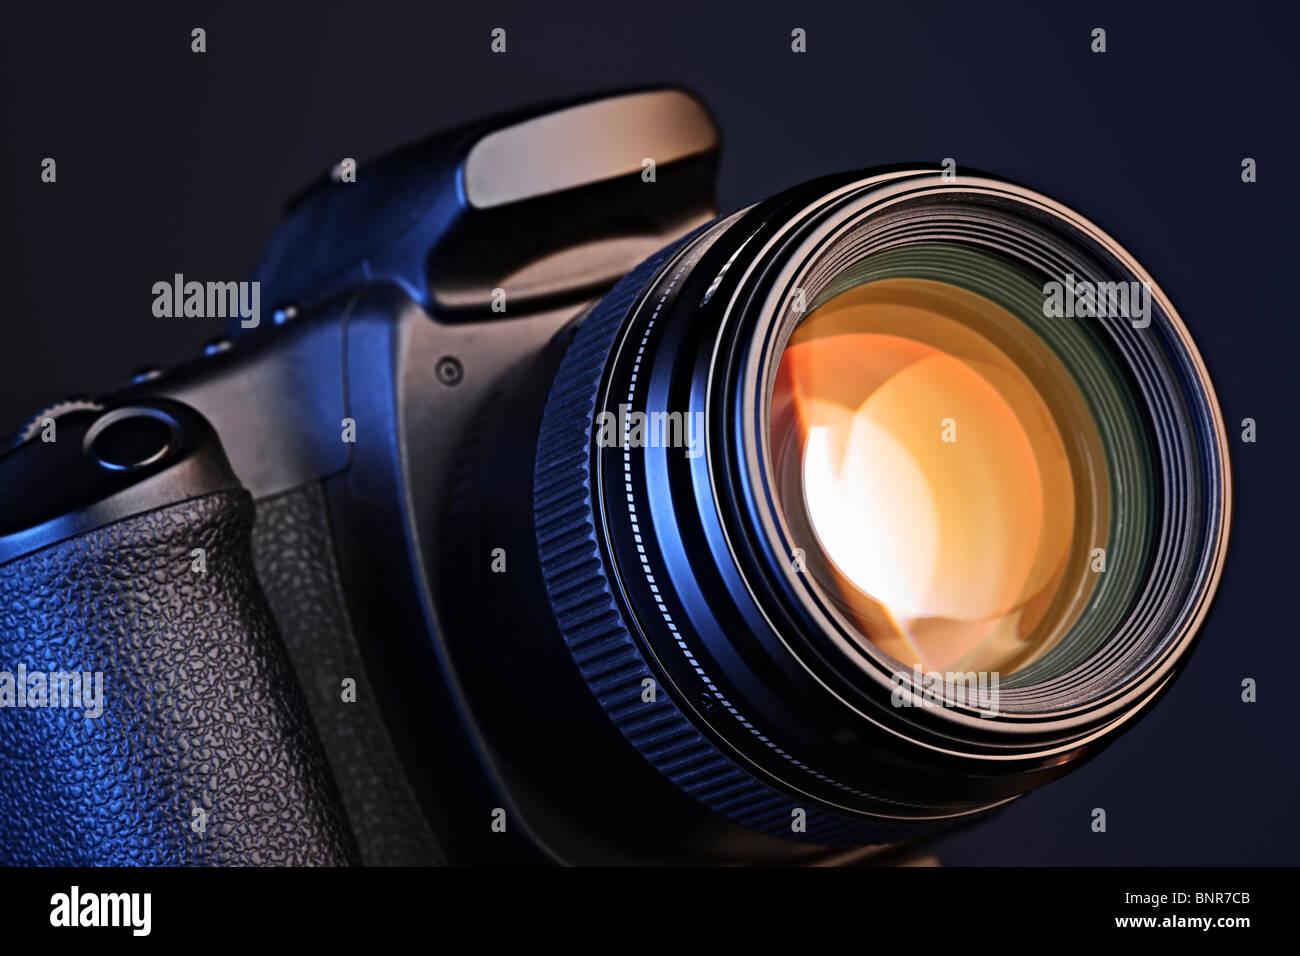 Fotocamera digitale con una lente Immagini Stock